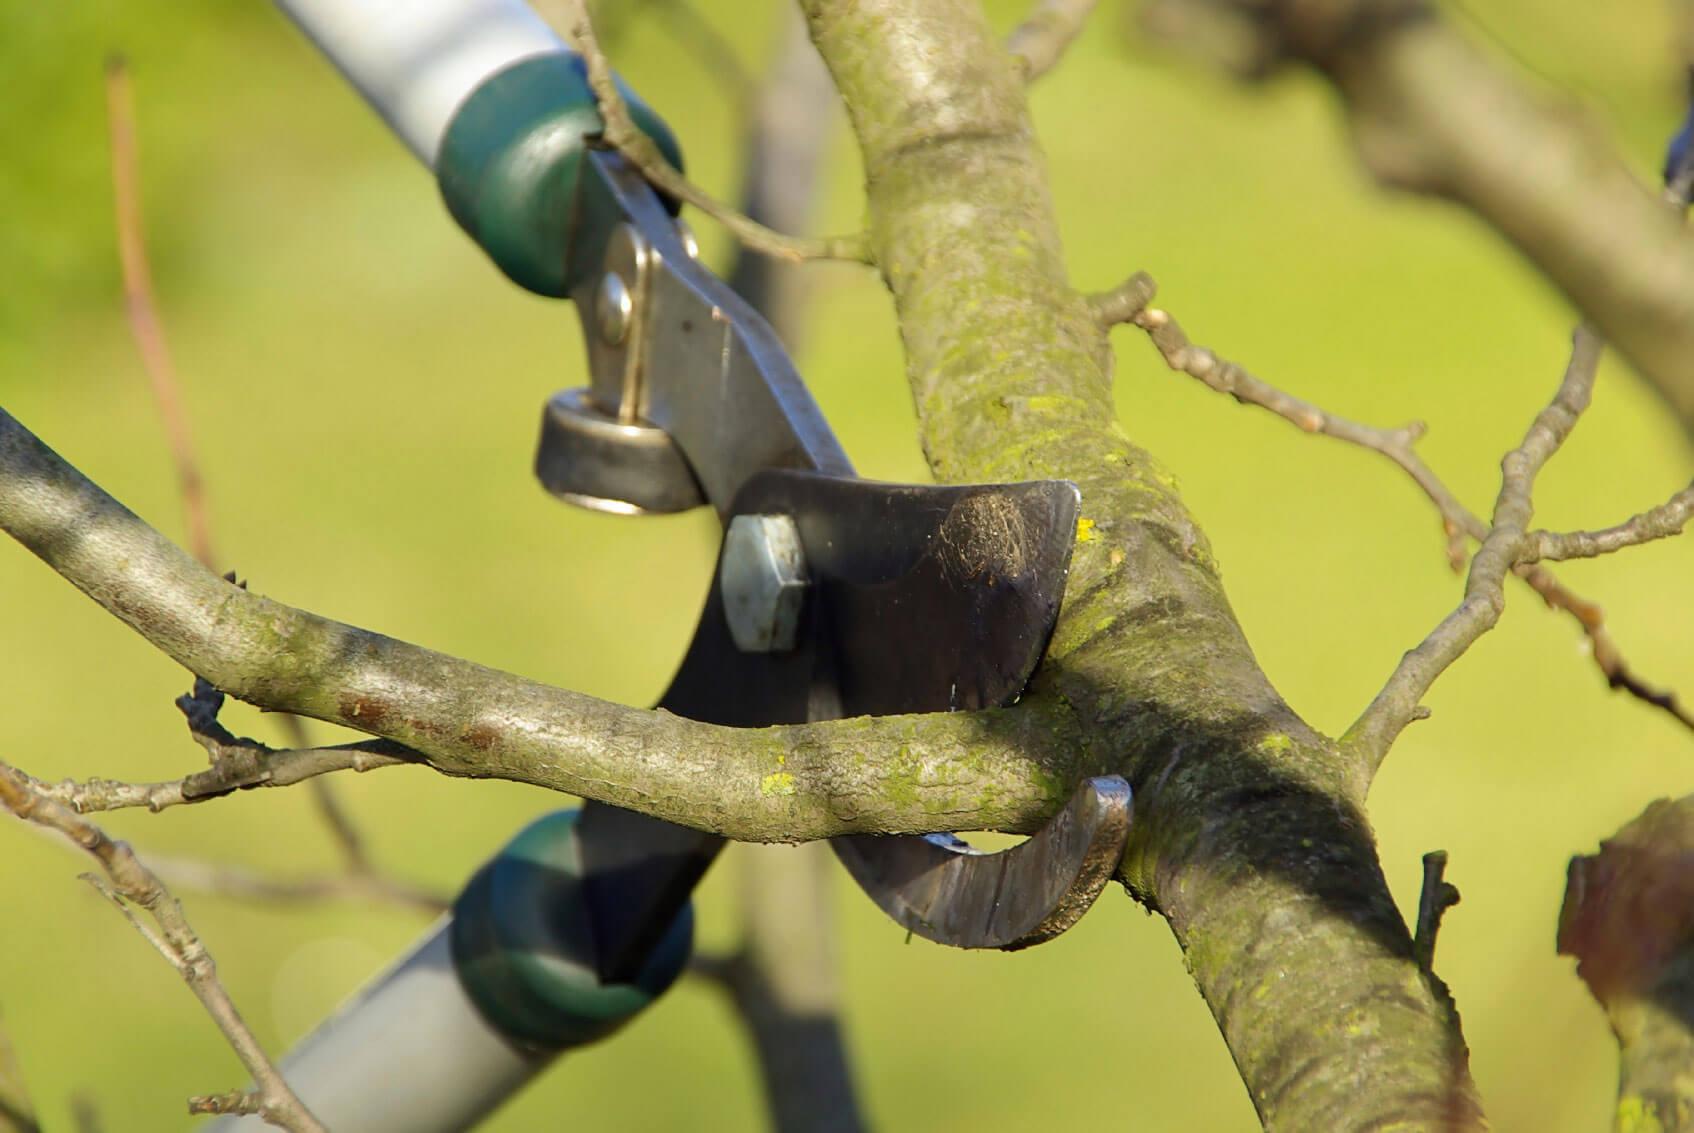 Lakukan Pemangkasan  Untuk Merawat Pohon Alpukat